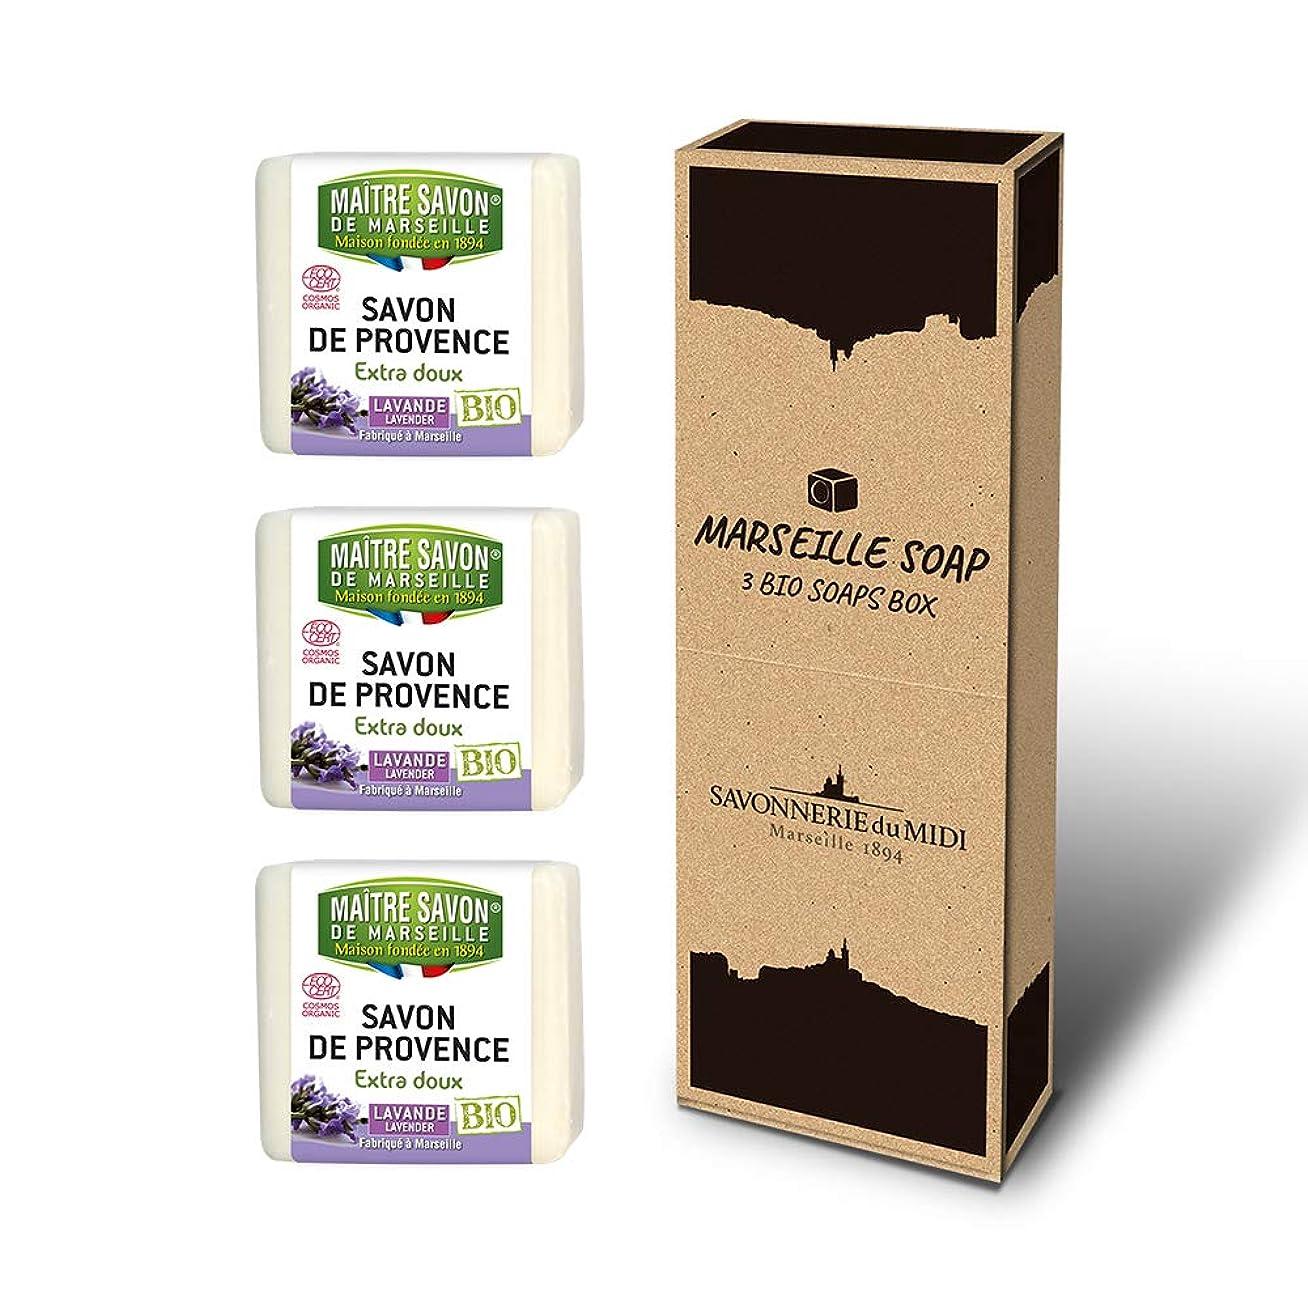 市民バトルポットマルセイユソープ 3BIO SOAPS BOX (ラベンダー)